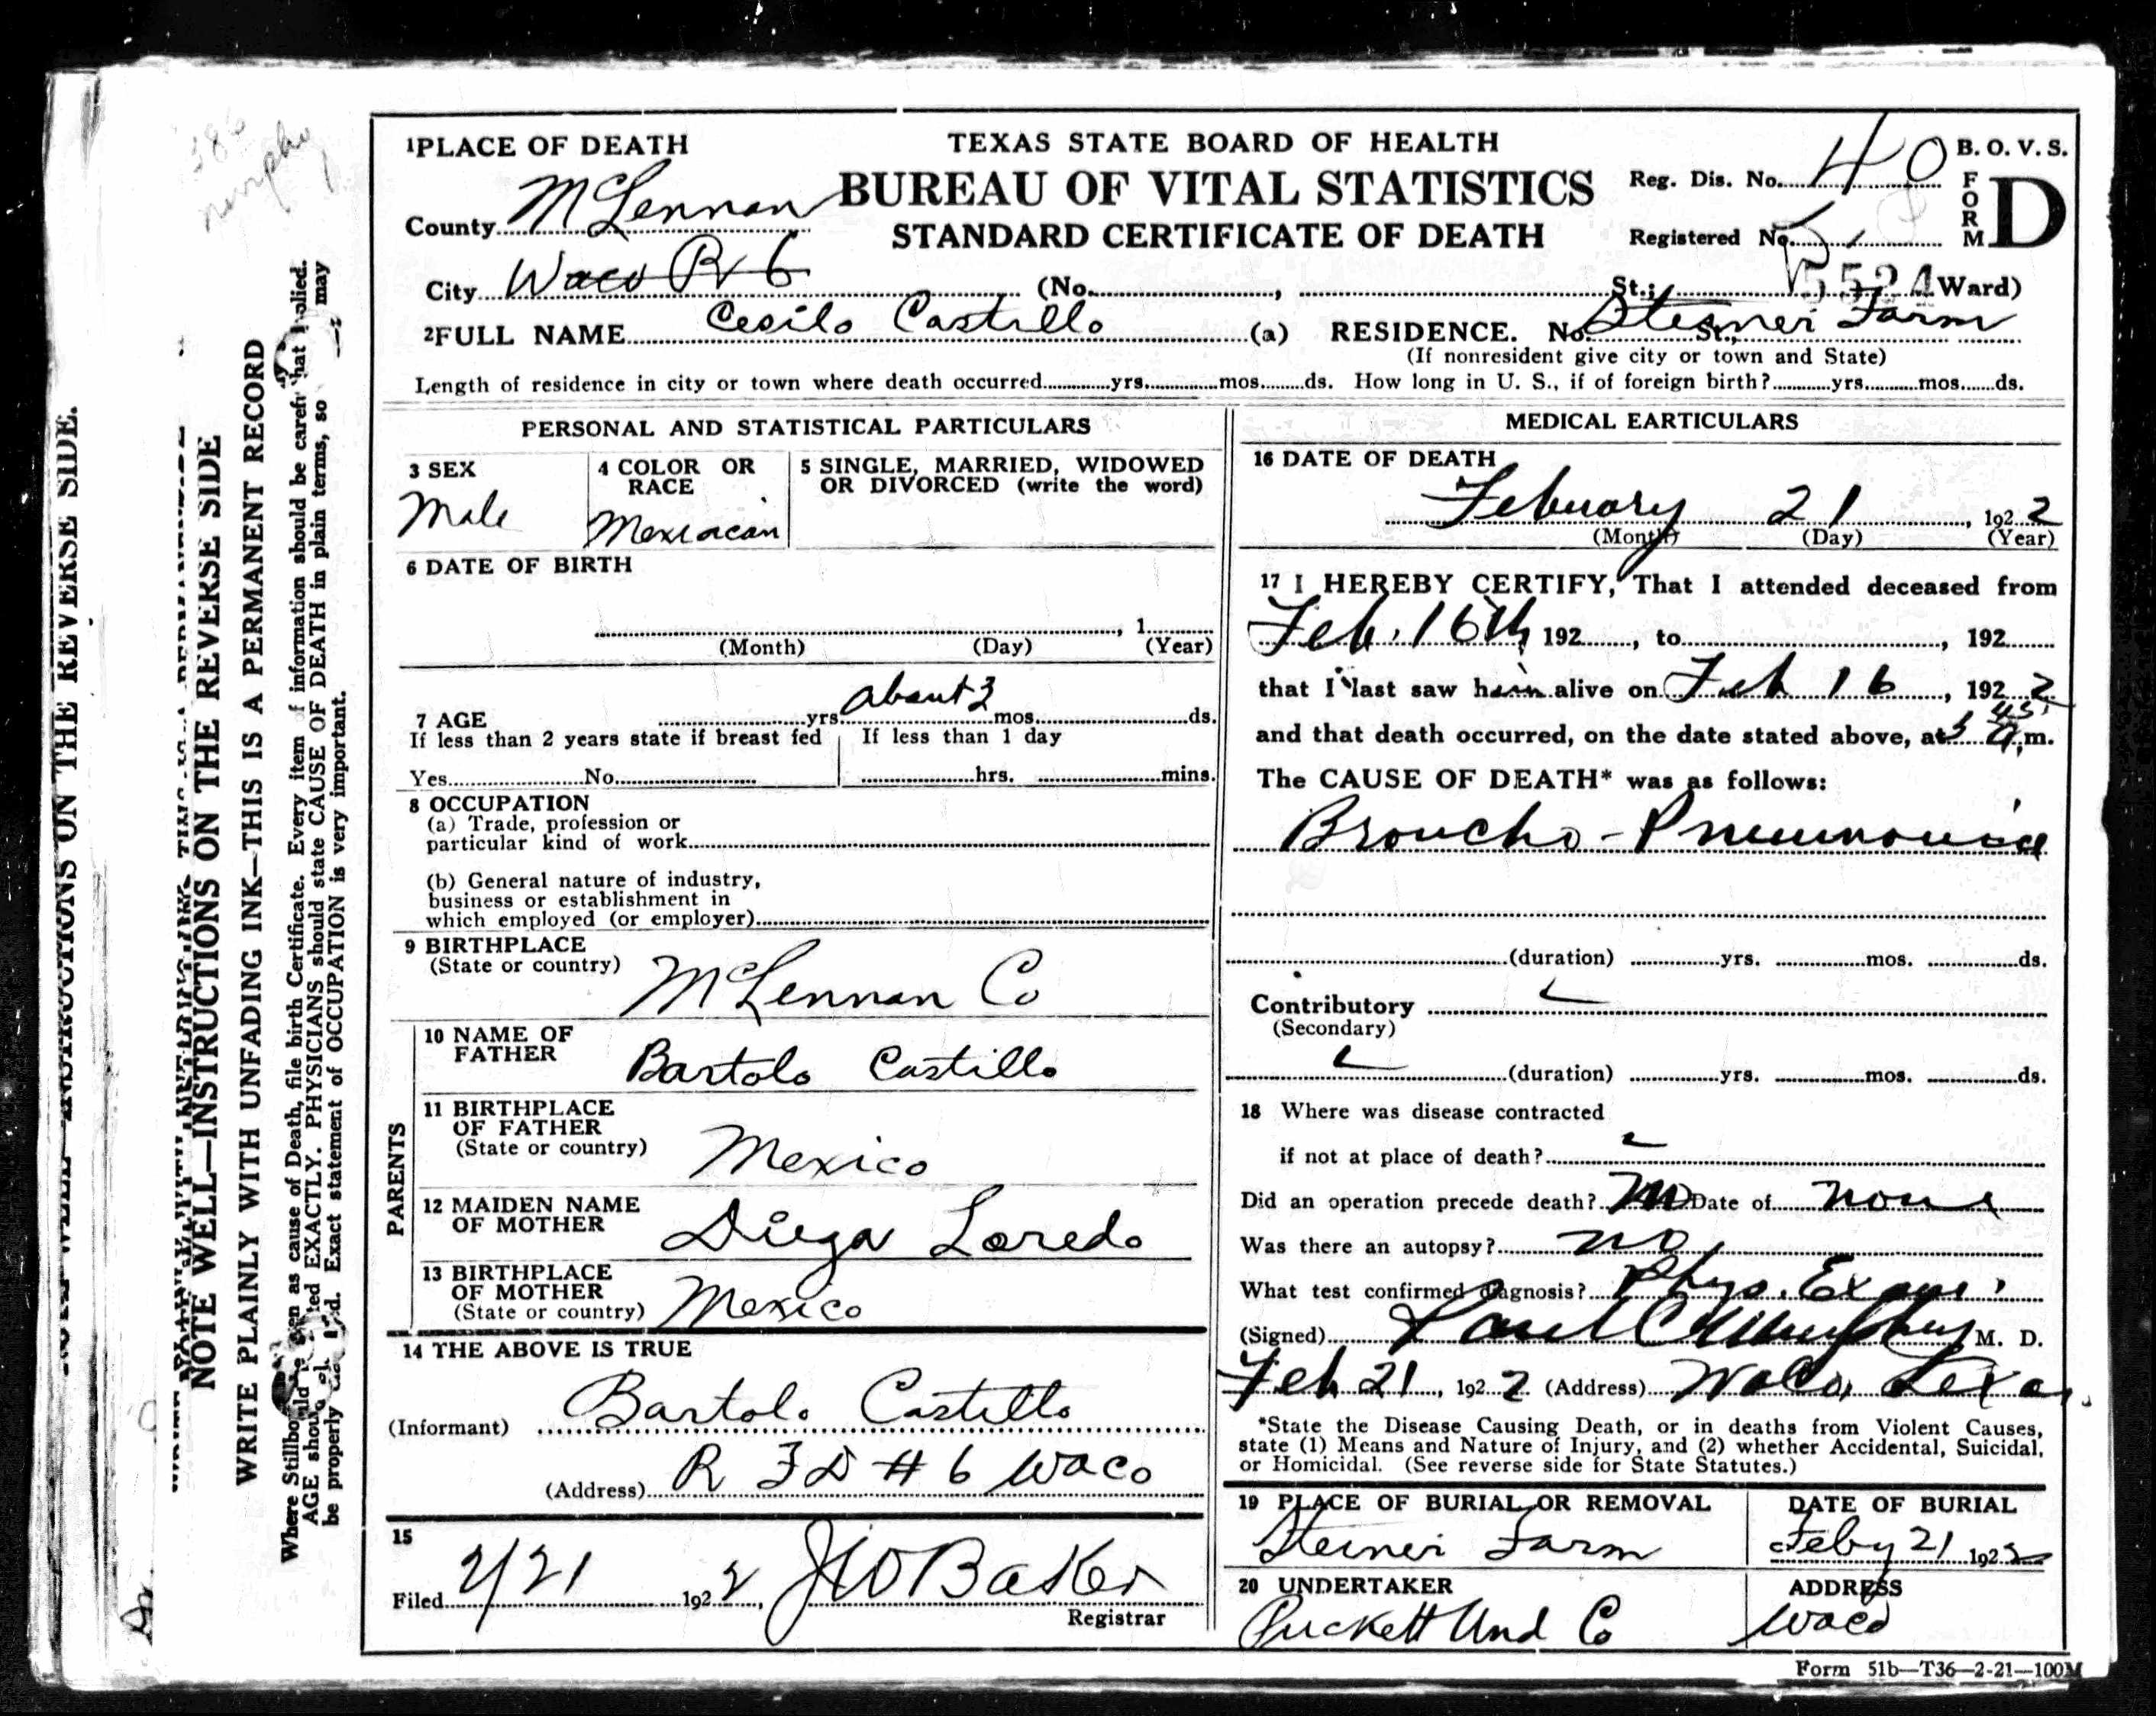 Cesilio Castillo Death Certificate